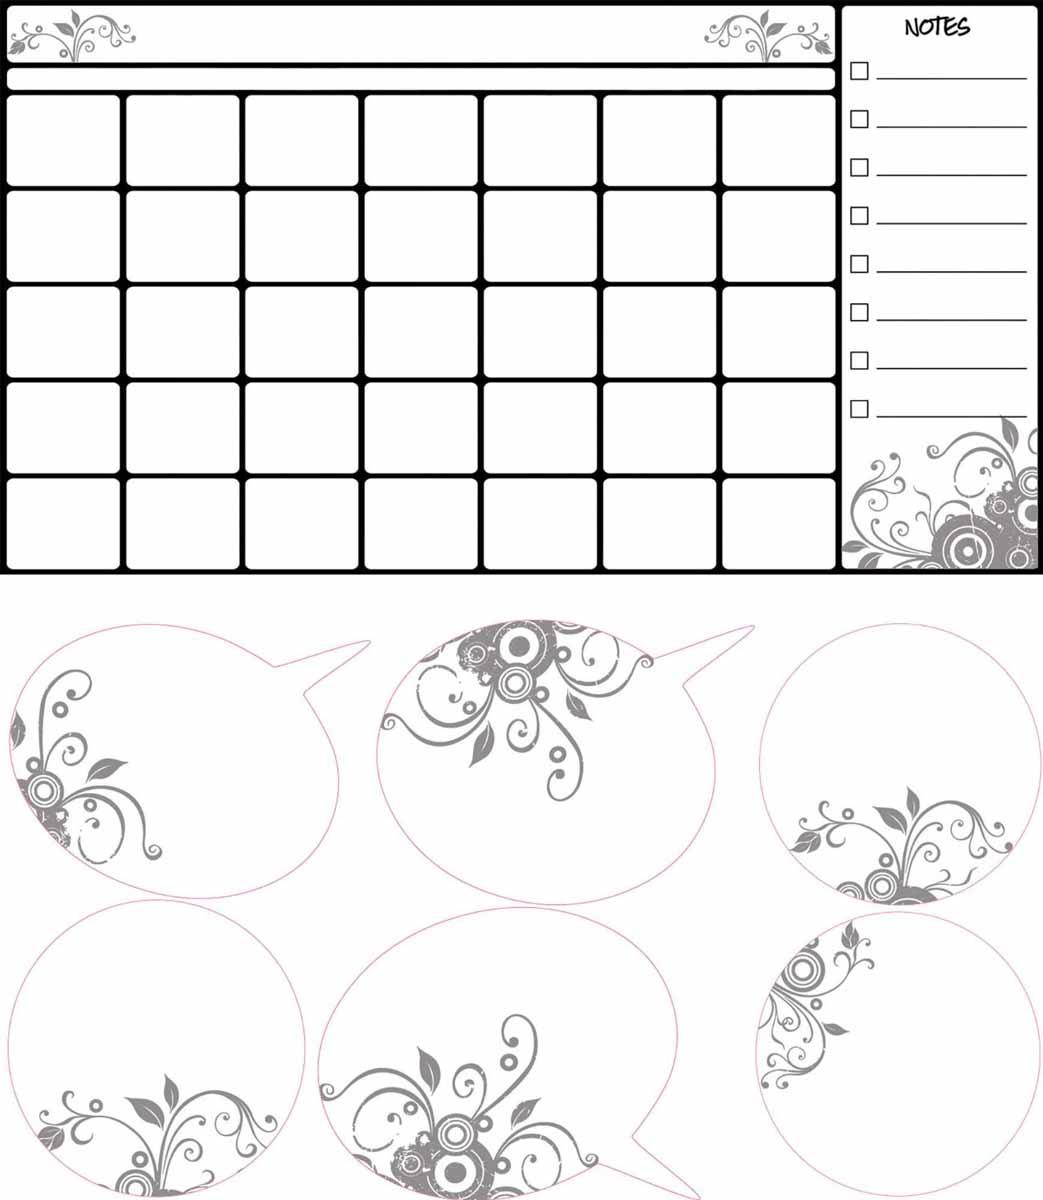 RoomMates Наклейка интерьерная Календарь для заметок300150Интерьерная наклейка RoomMates Календарь для заметок обязательно станет украшением детской комнаты.Наклейка, входящая в набор, содержит изображение сетки календаря и поля для заметок. Ваш ребенок сможет оставлять пометки маркером на этой наклейке, как на белой доске - и они будут легко стираться. Ее не нужно вырезать, а следует просто отсоединить от защитного слоя и поместить на стену или любую другую плоскую гладкую поверхность.Она многоразовая: ее легко переклеивать и снимать со стены, она не оставляет липких следов на поверхности.